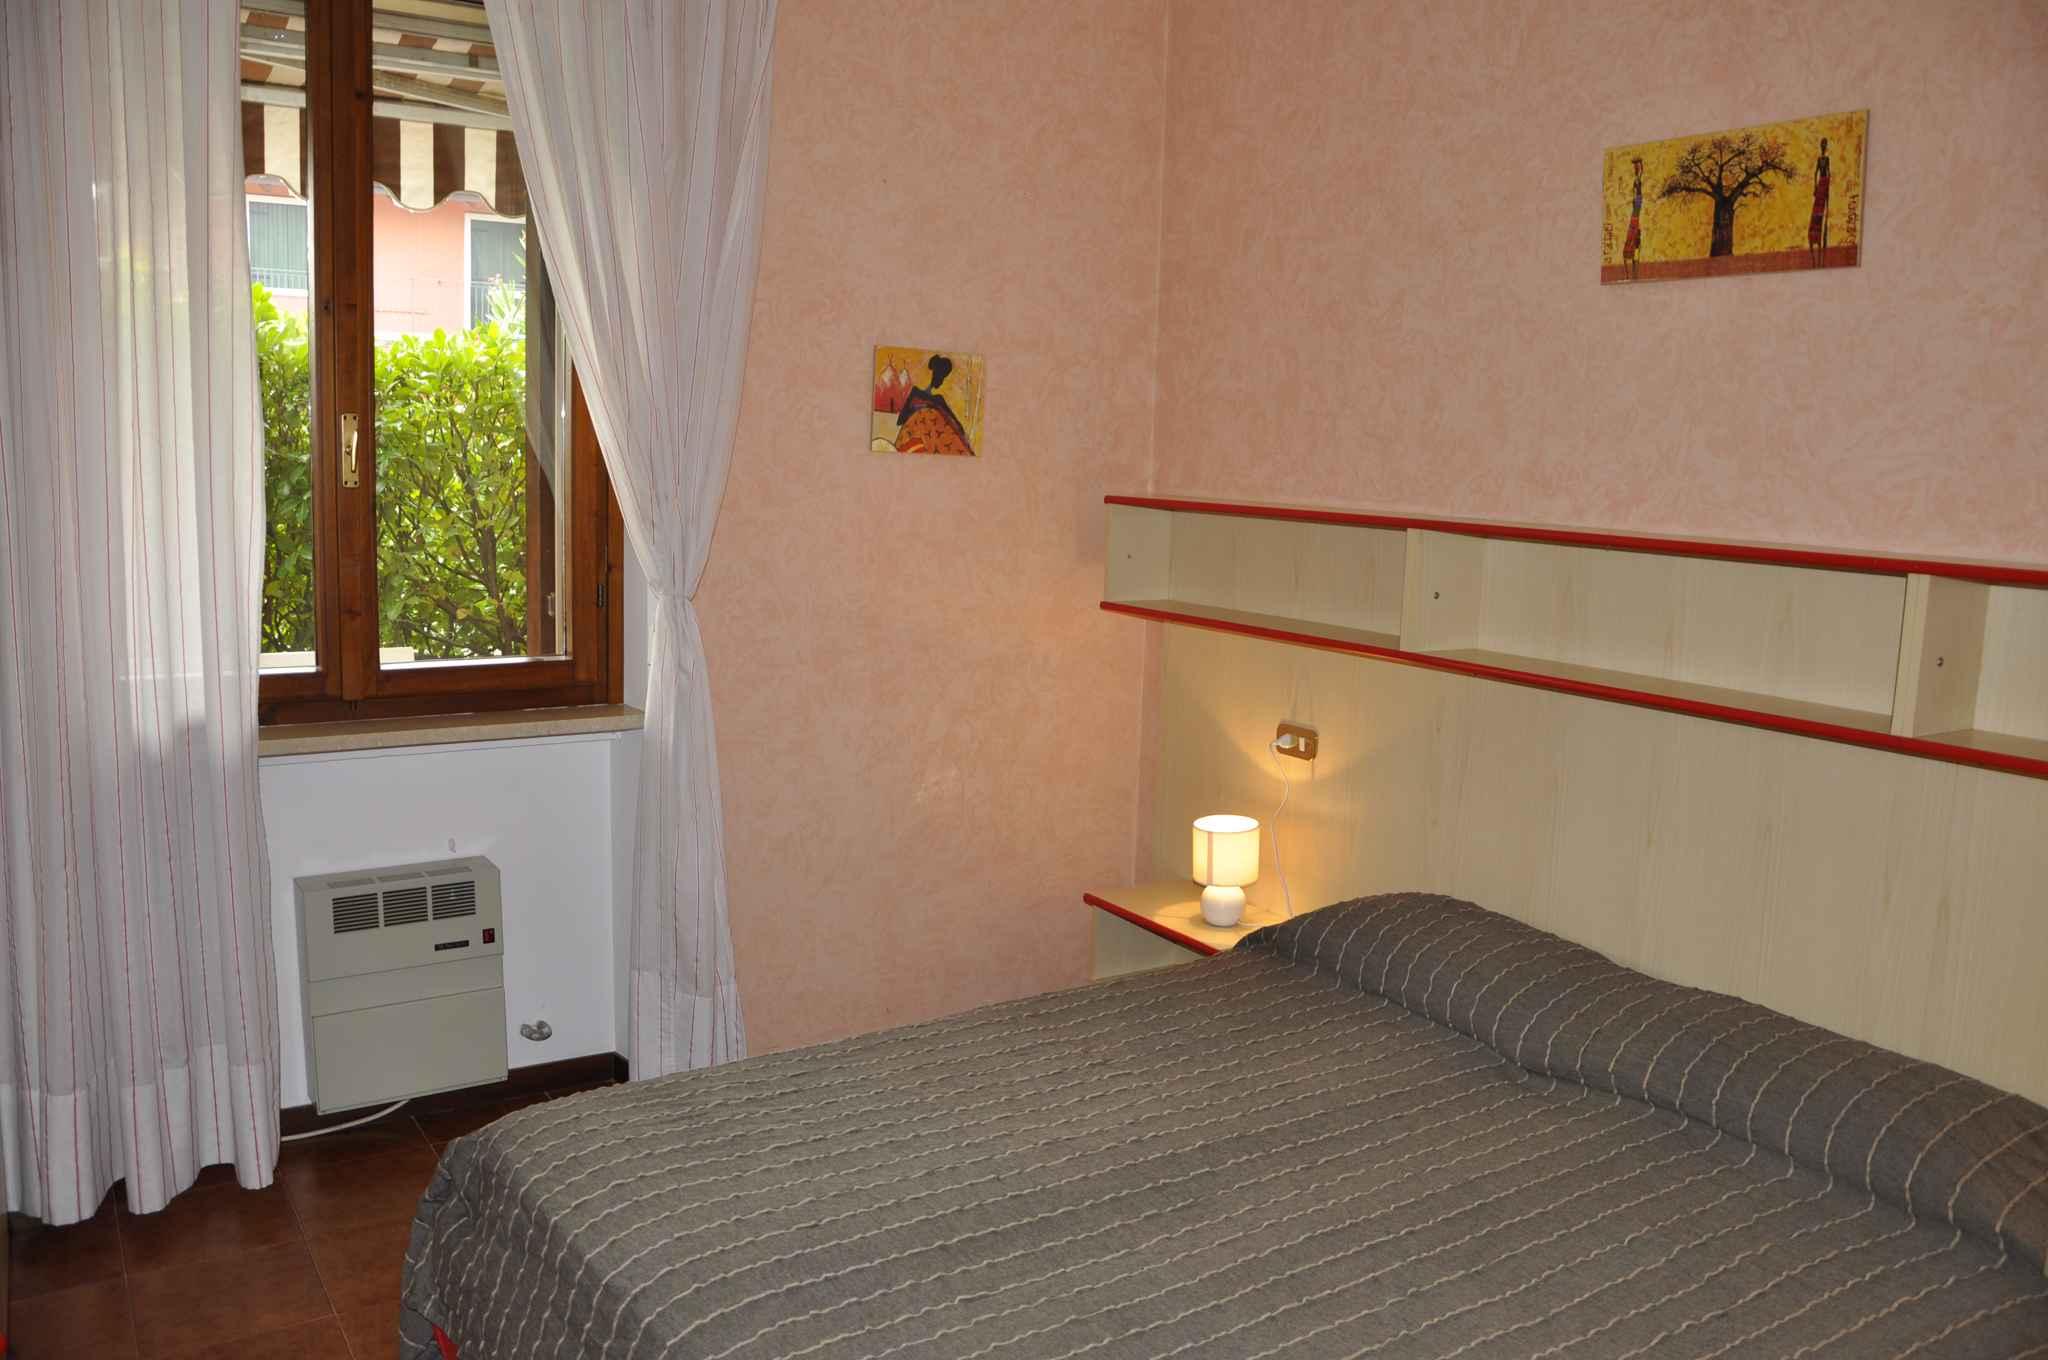 Ferienwohnung mit Klimaanlage (491819), Lazise, Gardasee, Venetien, Italien, Bild 13